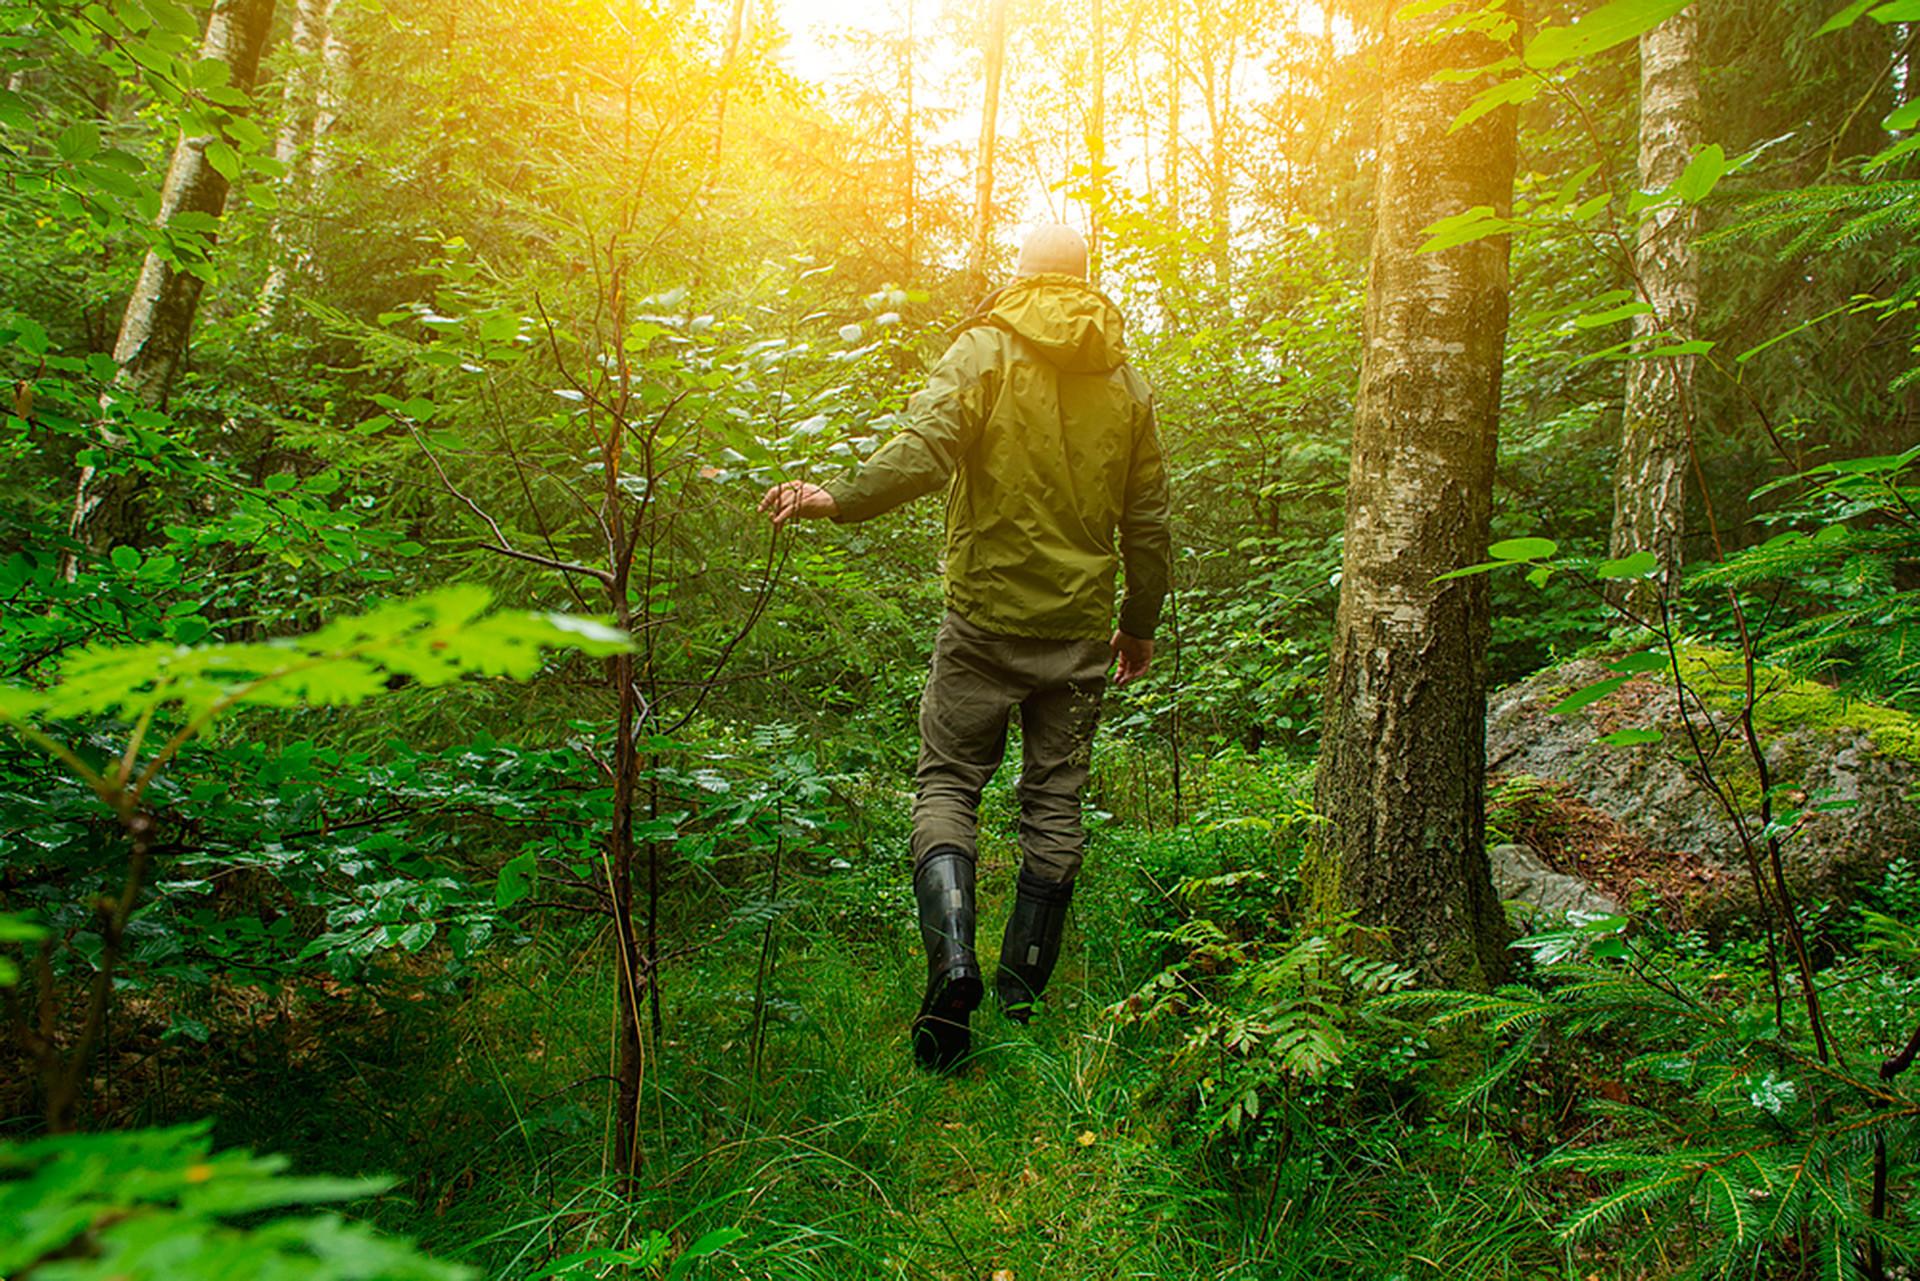 キノコ採取者は大体、朝7~8時頃森に入り、他の人よりも先に採る。